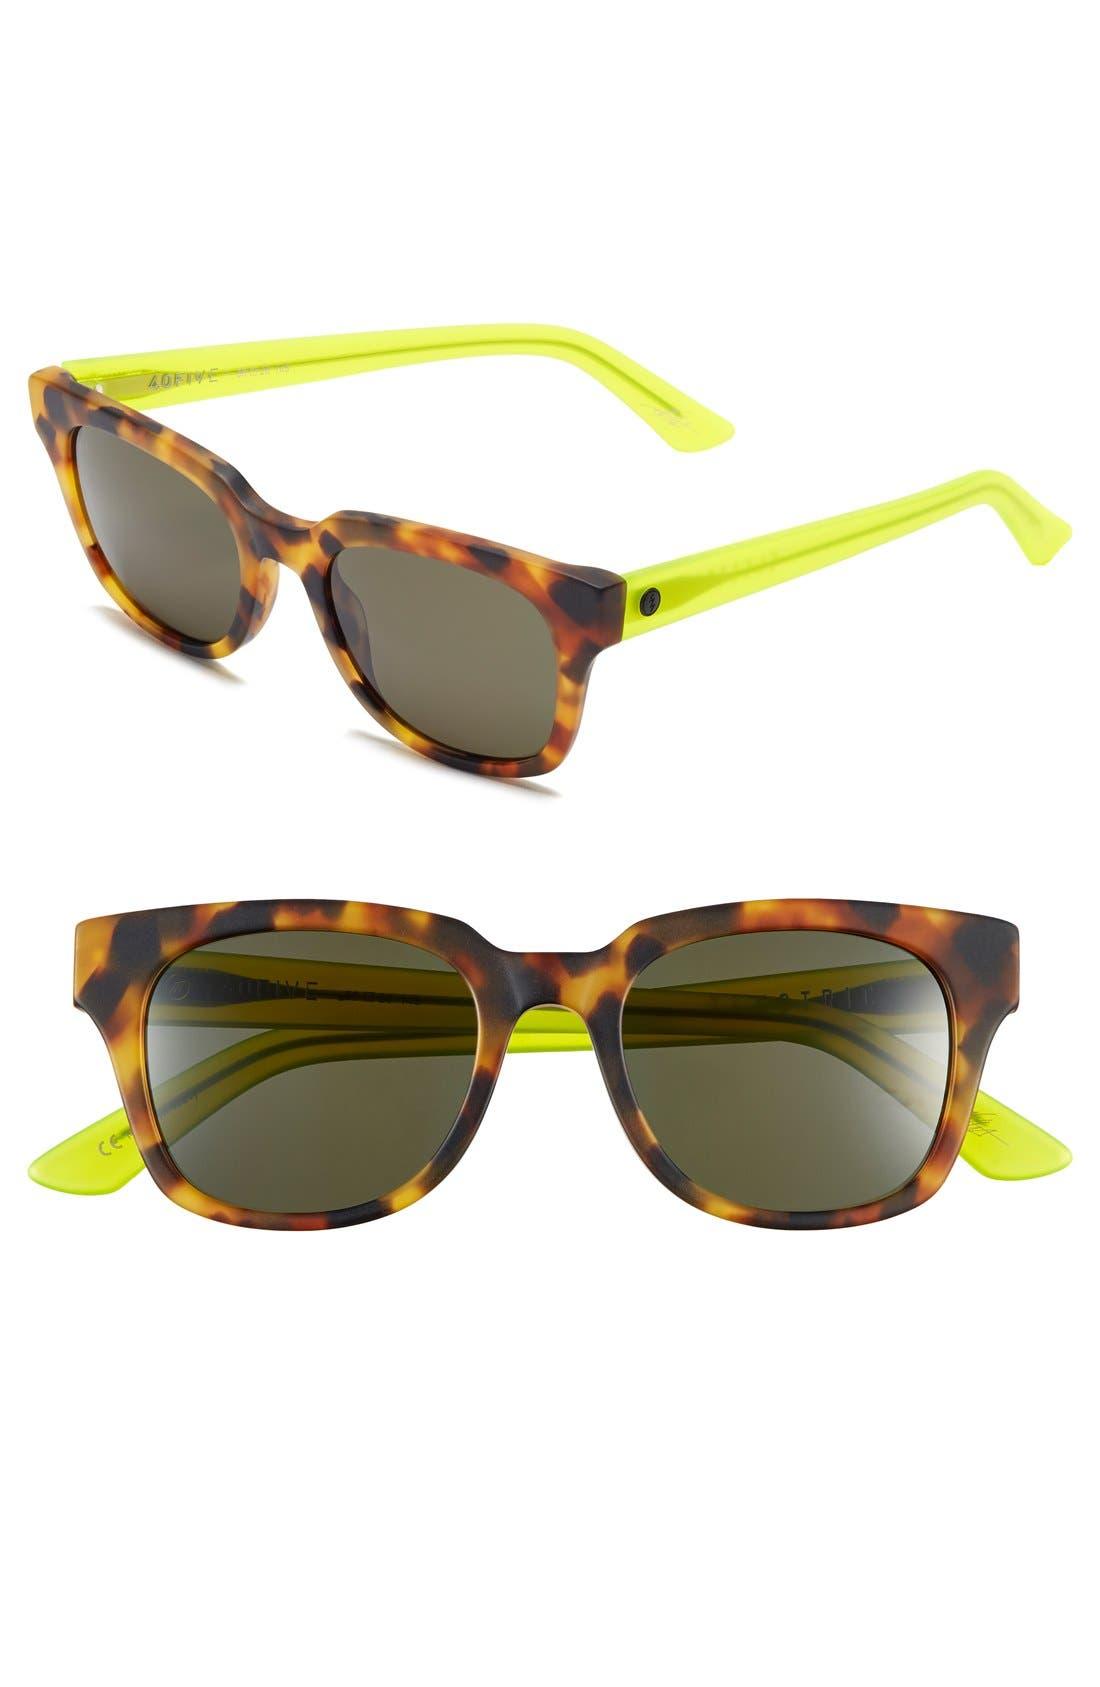 ELECTRIC 40FIVE 50mm Retro Sunglasses